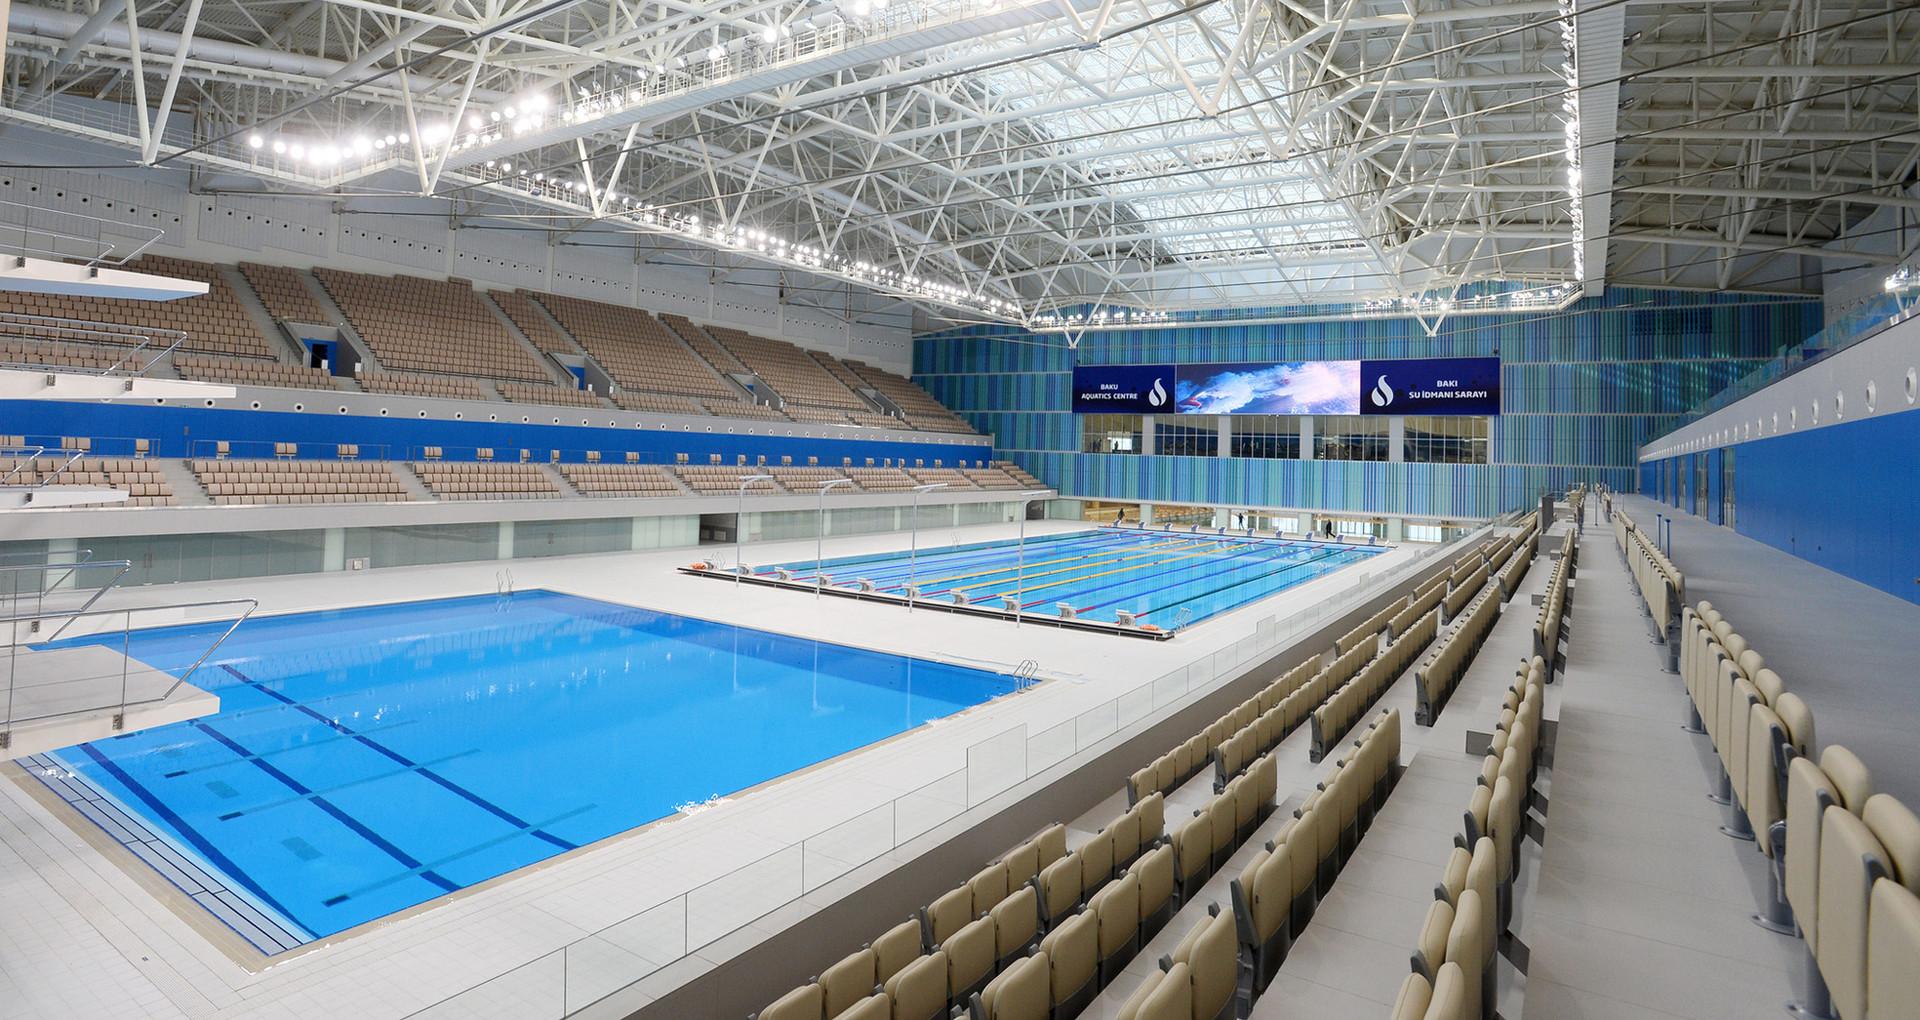 Baku Aquatic Palace